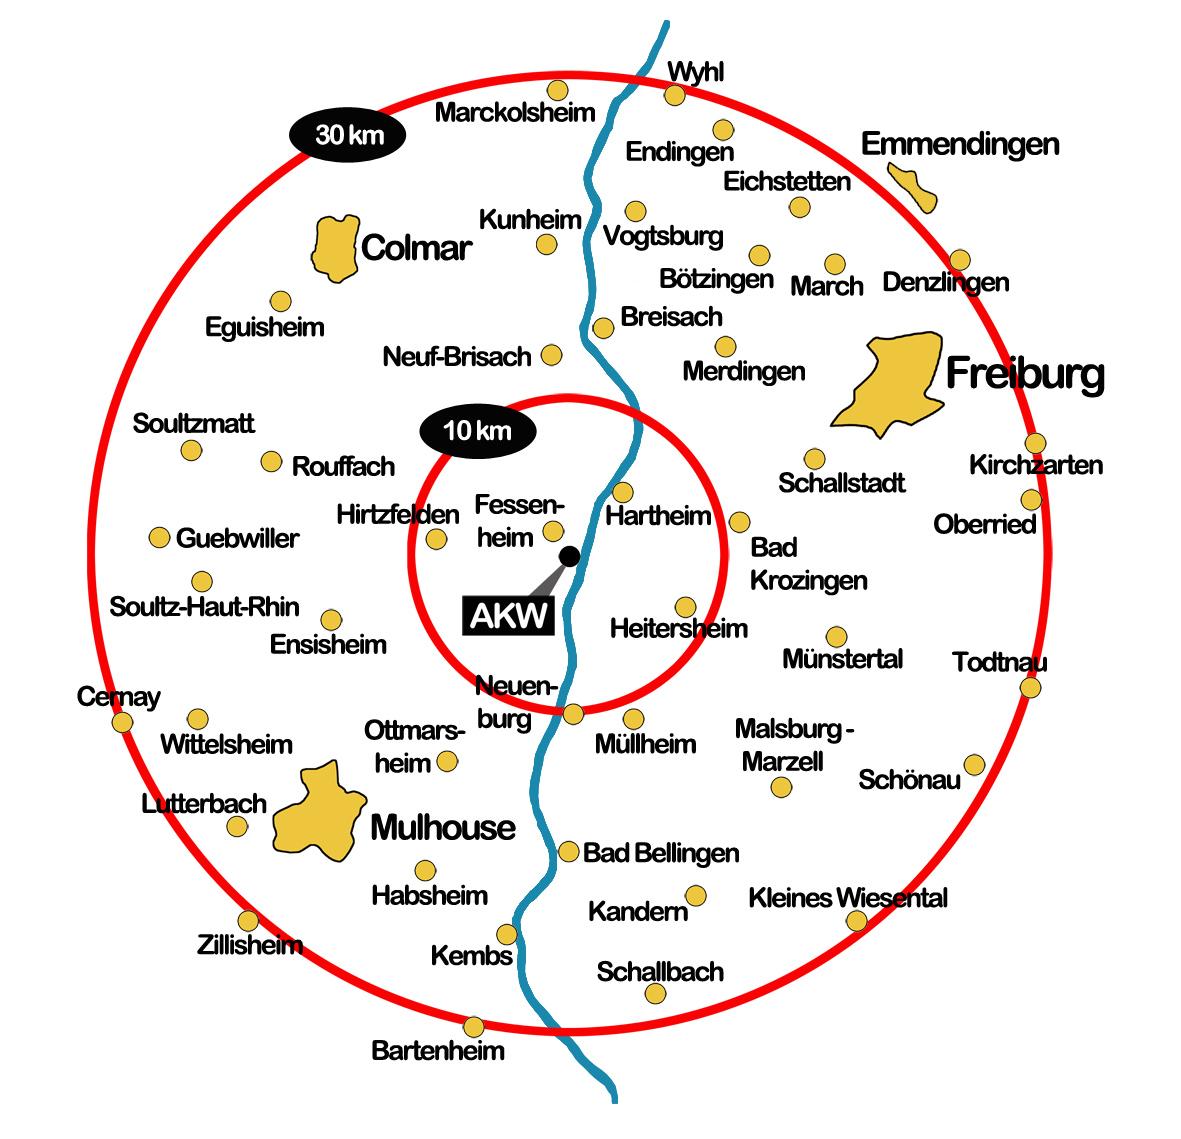 Übersicht über die Evakuierungszonen des Atomkraftwerks Fessenheim